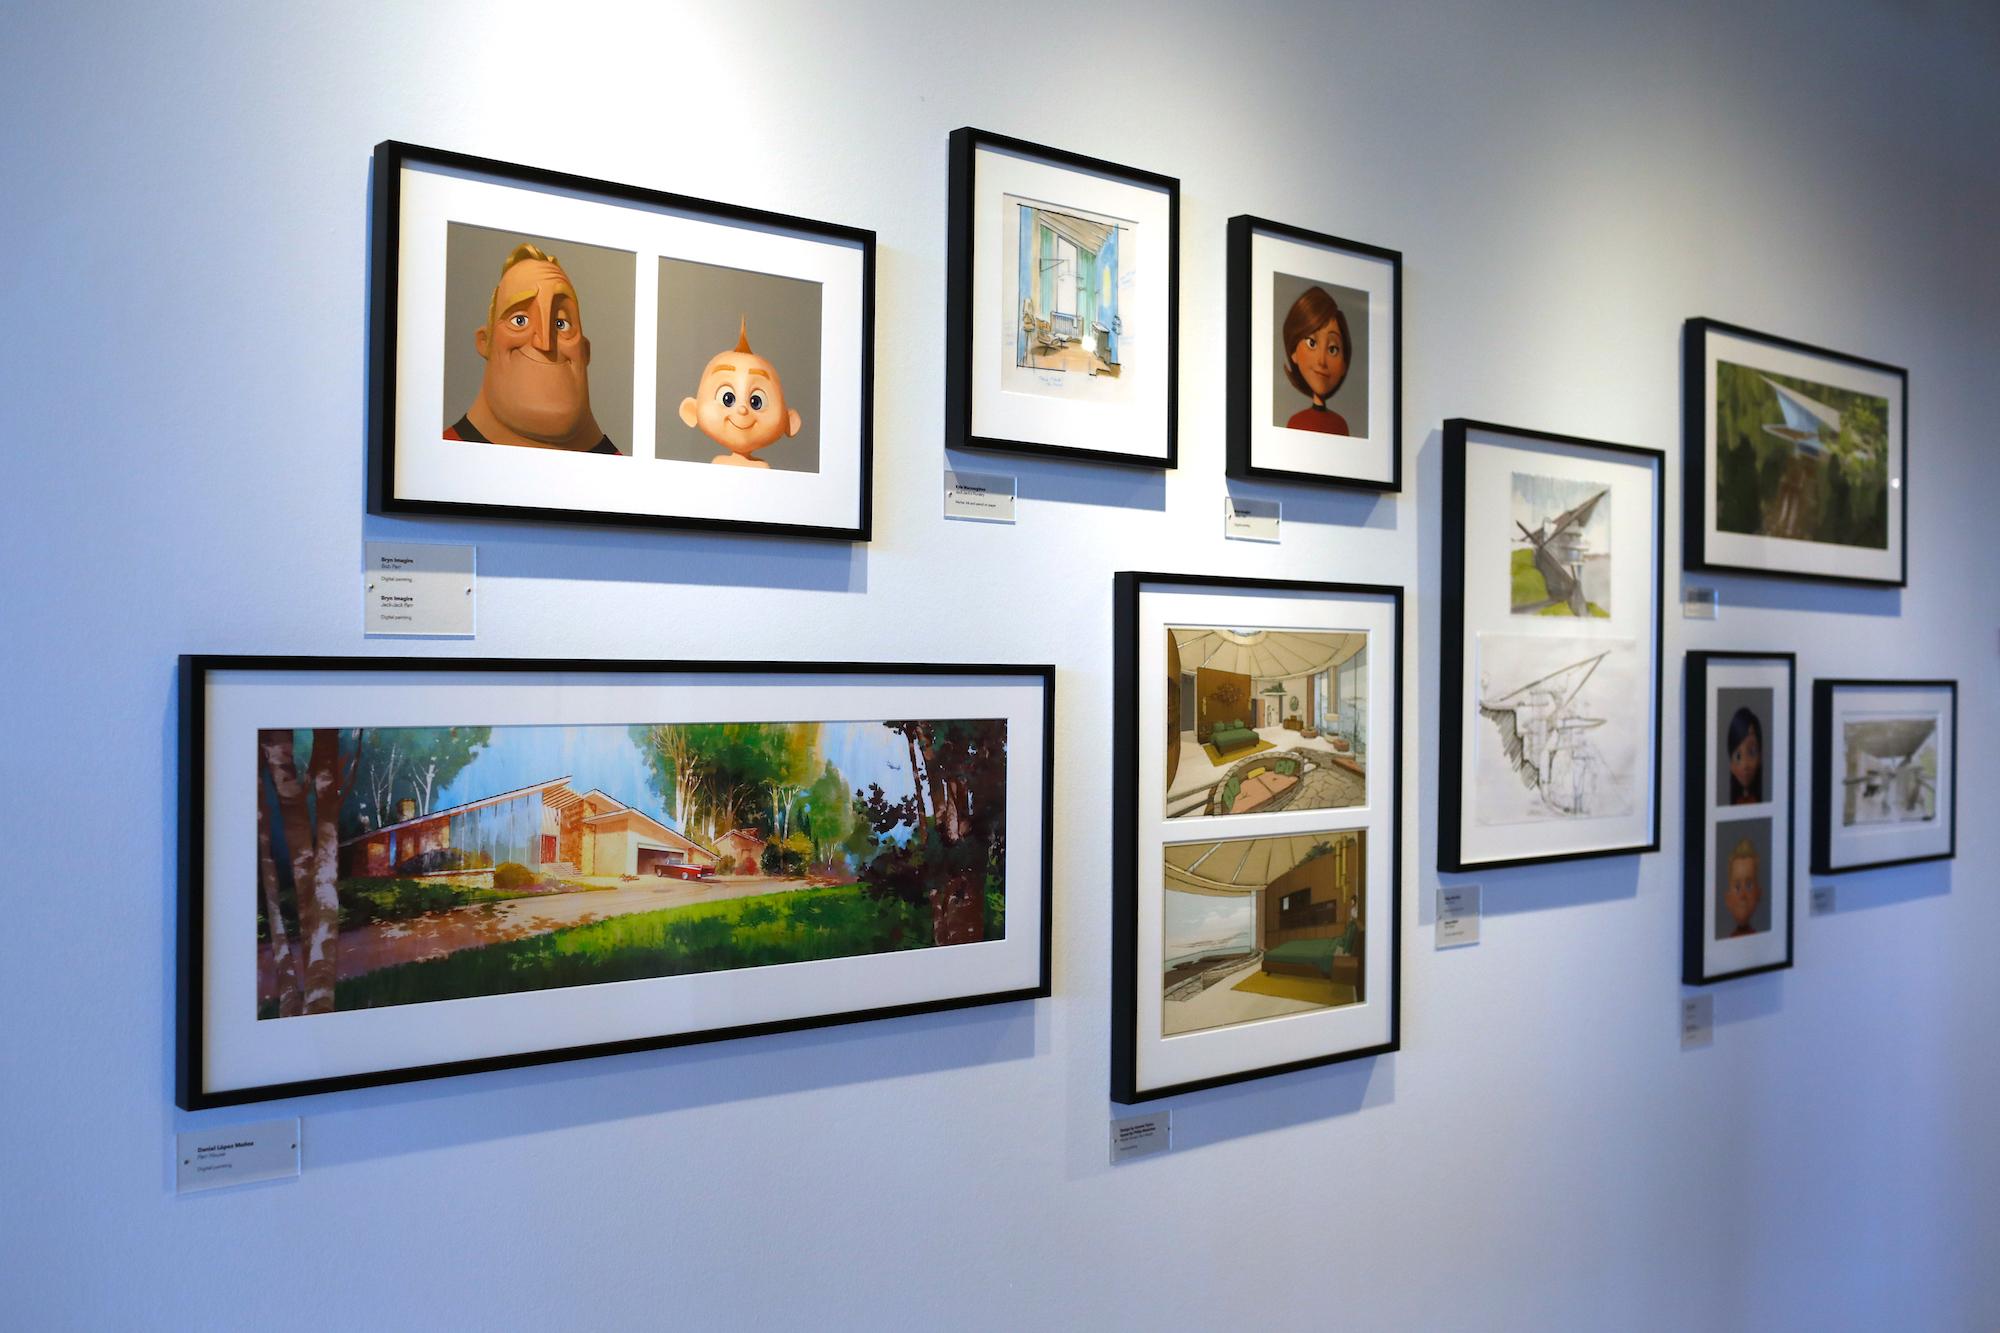 Incredibles 2 Art Gallery at Pixar